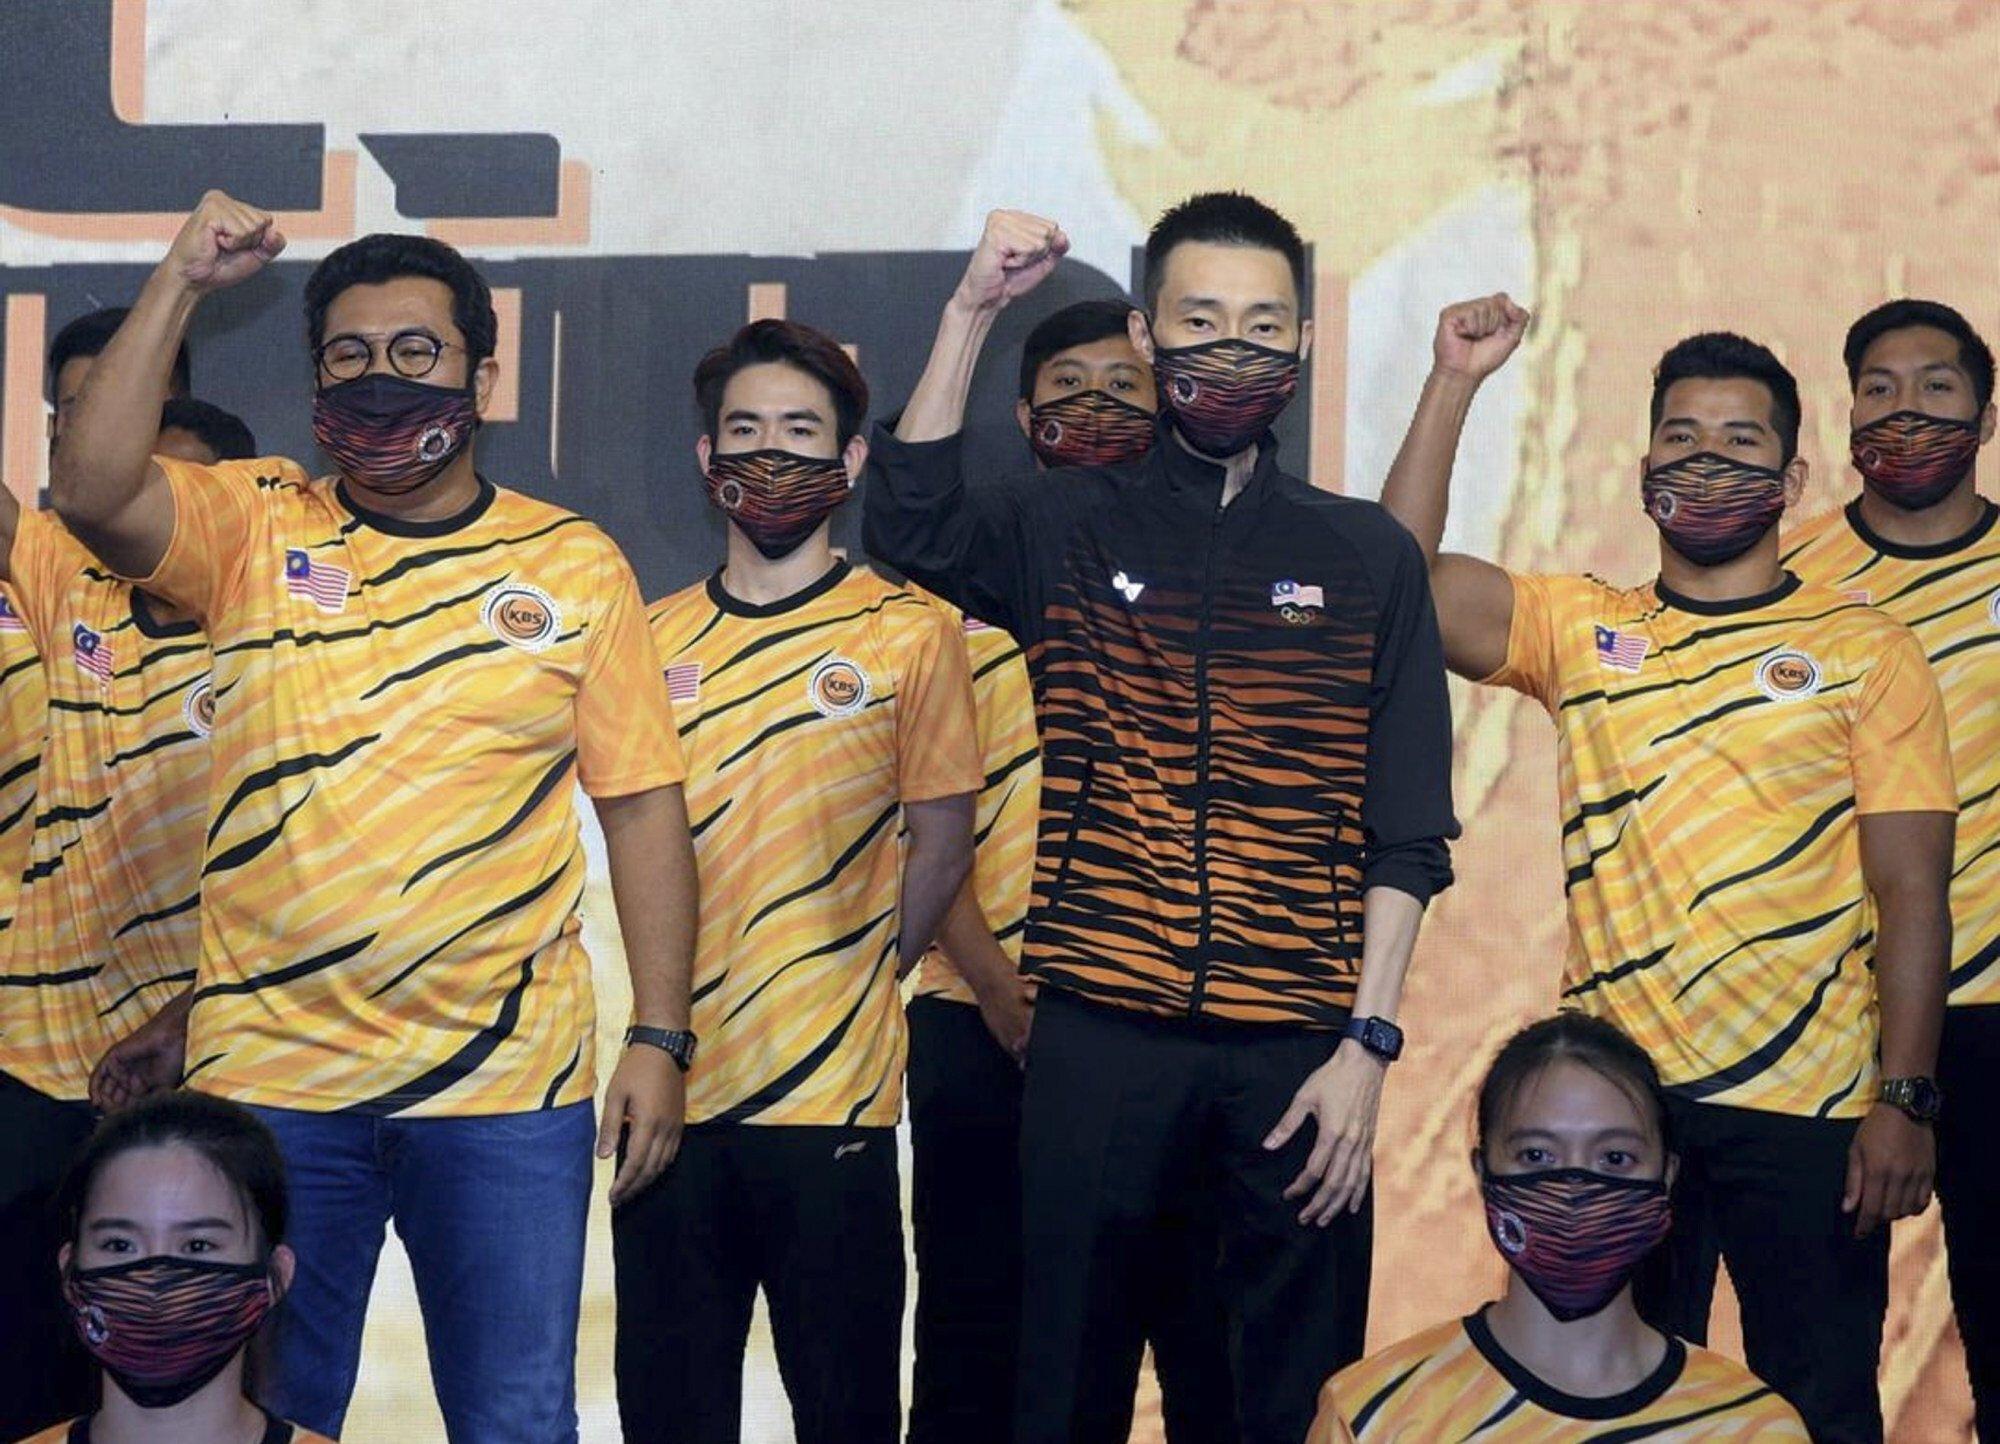 Malaysia: Hãng quần áo thể thao Nhật Bản Yonex đảm nhận vai trò sản xuất trang phục cho đội Olympic Malaysia với những họa tiết sọc hổ nổi bật. Đây không phải là lần đầu tiên các vận động viên Malaysia khoác lên mình mẫu hổ vằn nhưng sự phối màu tinh tế giữa 3 mảng màu chủ đạo cam, vàng và đen giúp trang phục thêm phần ấn tượng.